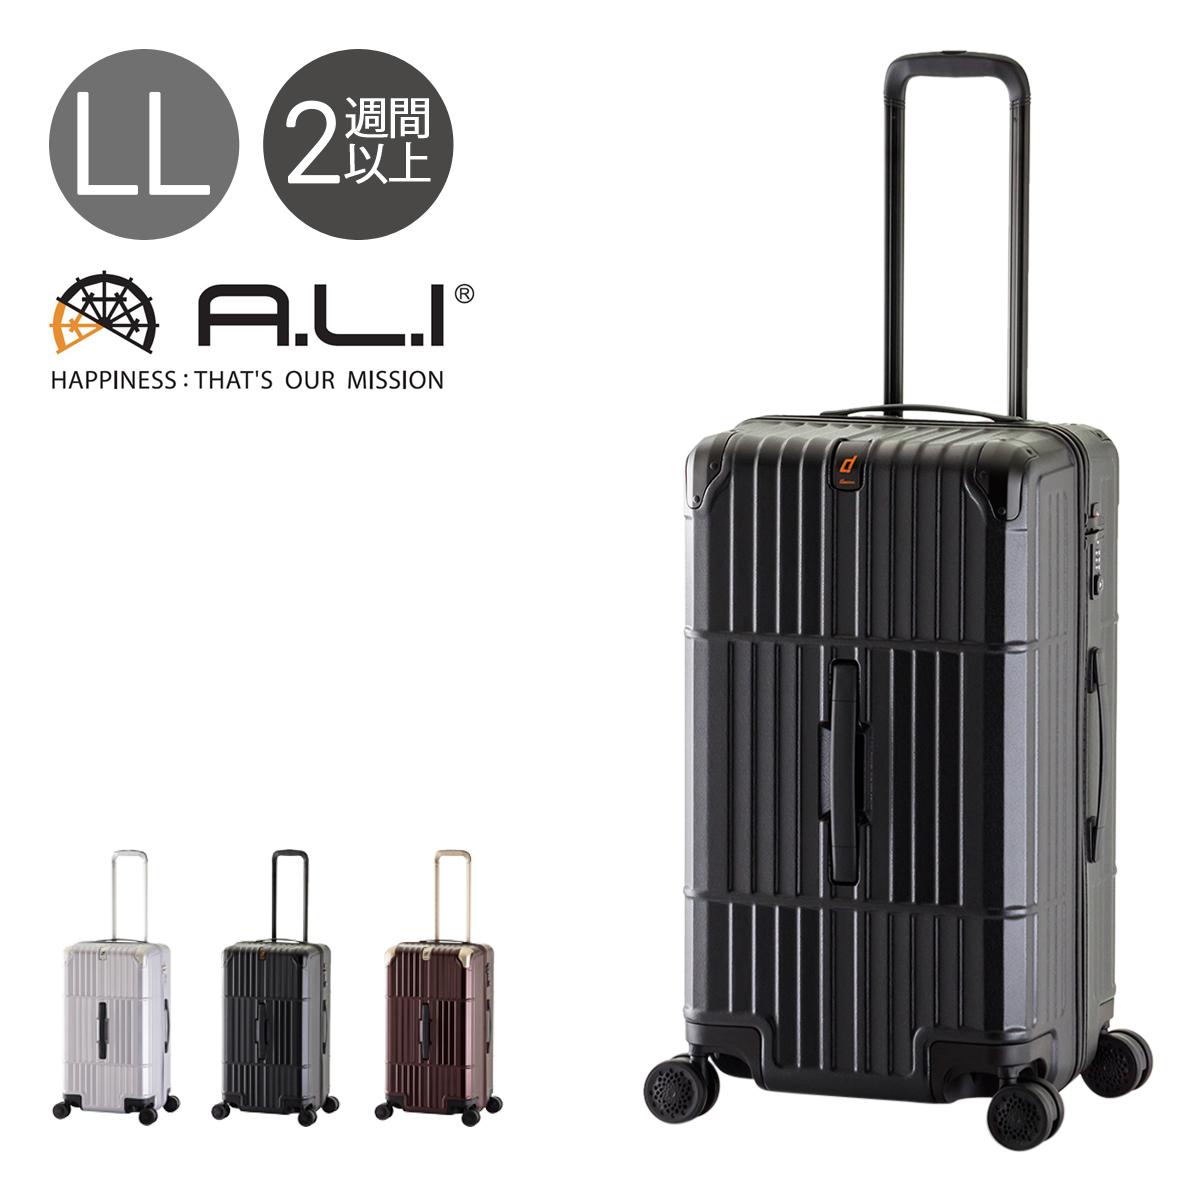 アジアラゲージ スーツケース|105L 72cm 4.8kg HD-510-29 ハード ファスナー A.L.I departure ディパーチャー|TSAロック搭載 キャリーケース ハードキャリー[PO10][bef]